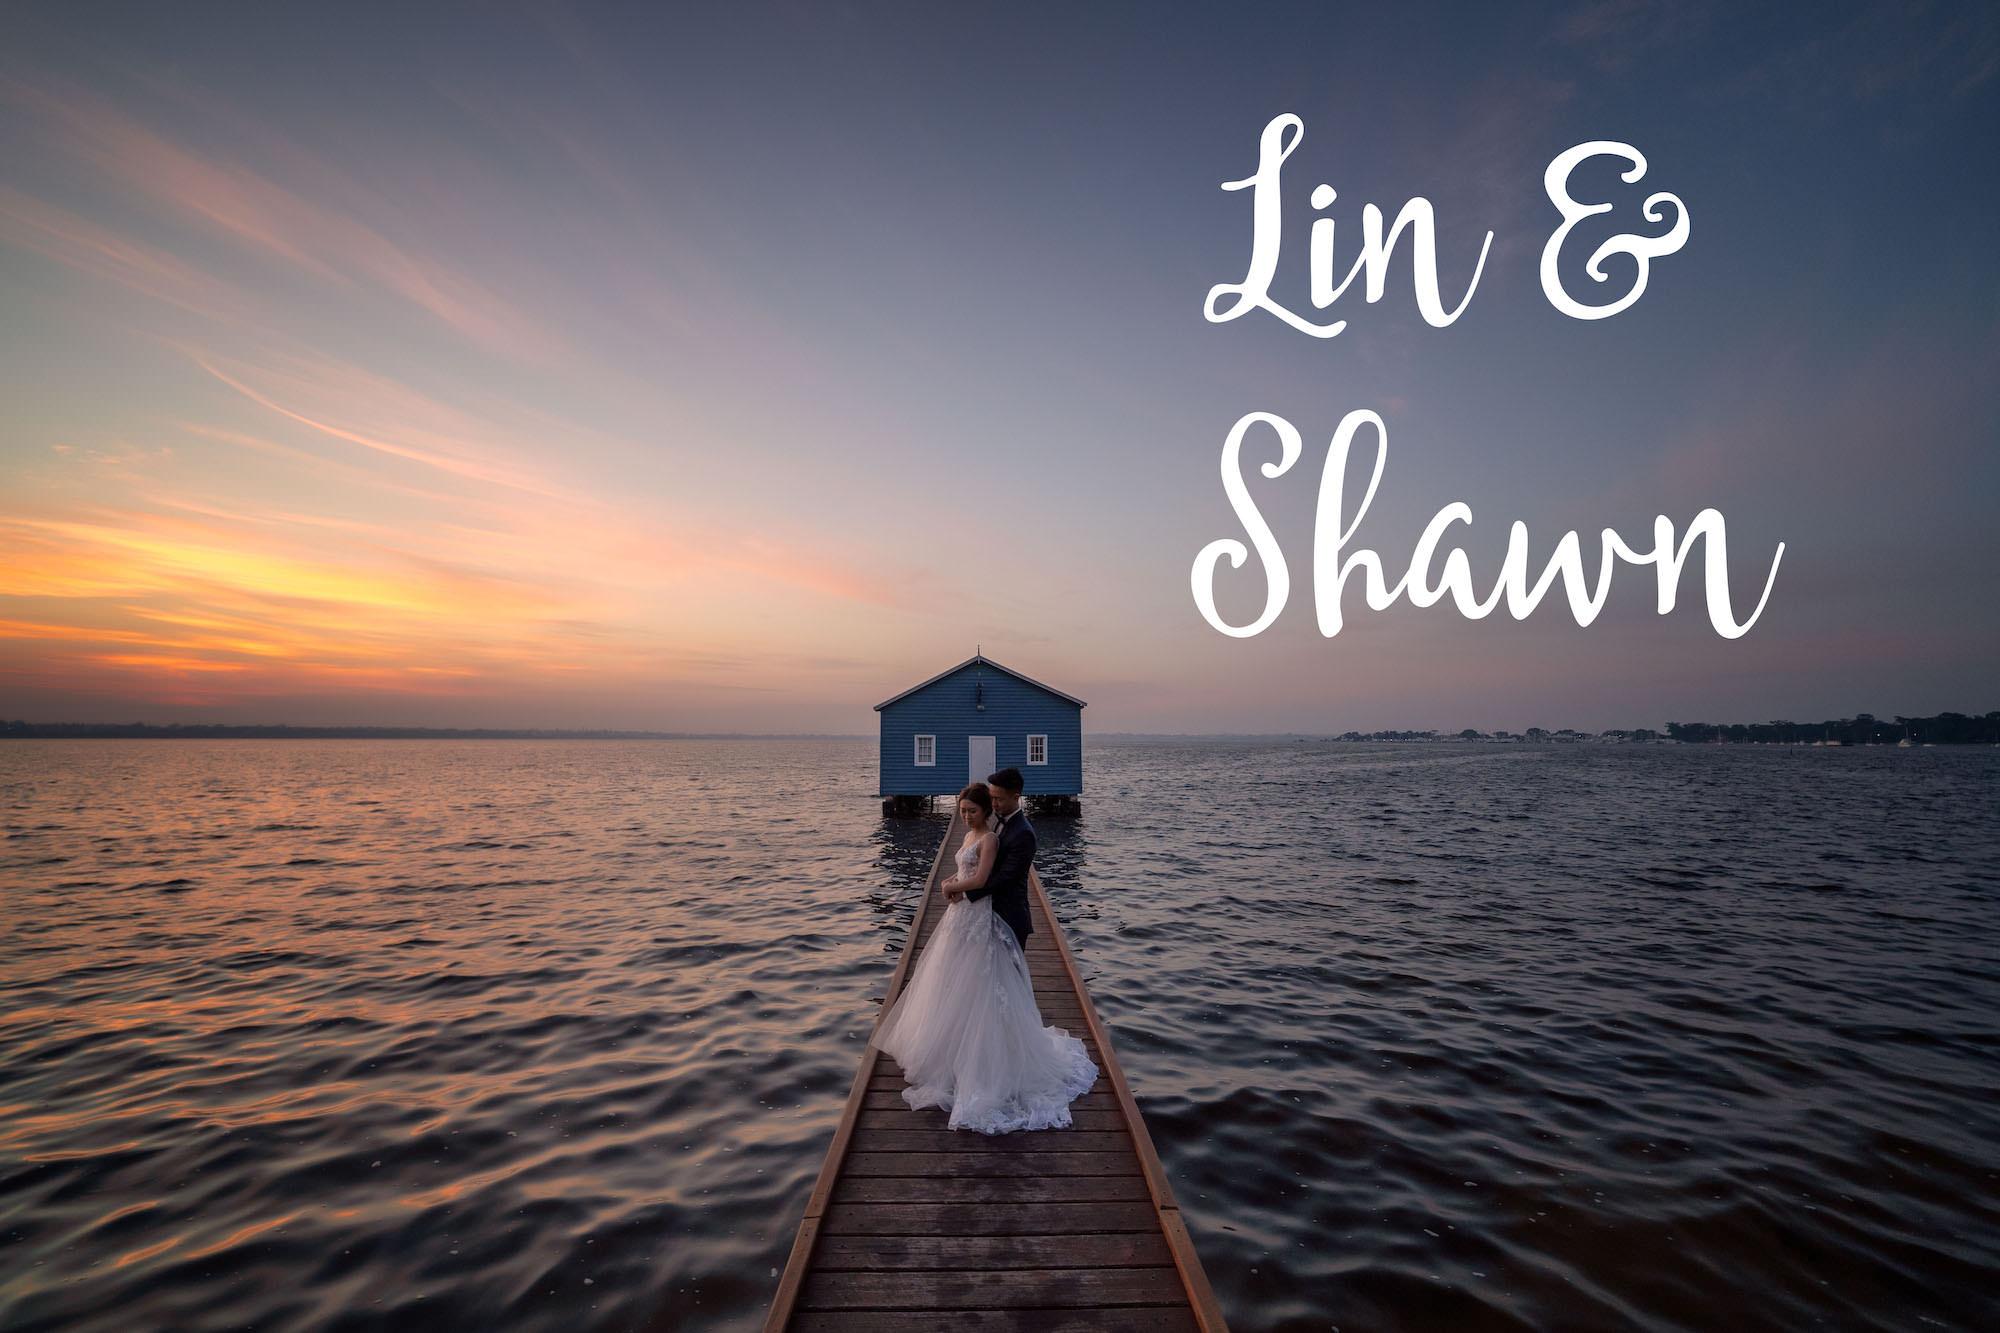 Lin & Shawn - Perth Prewedding 1.jpg